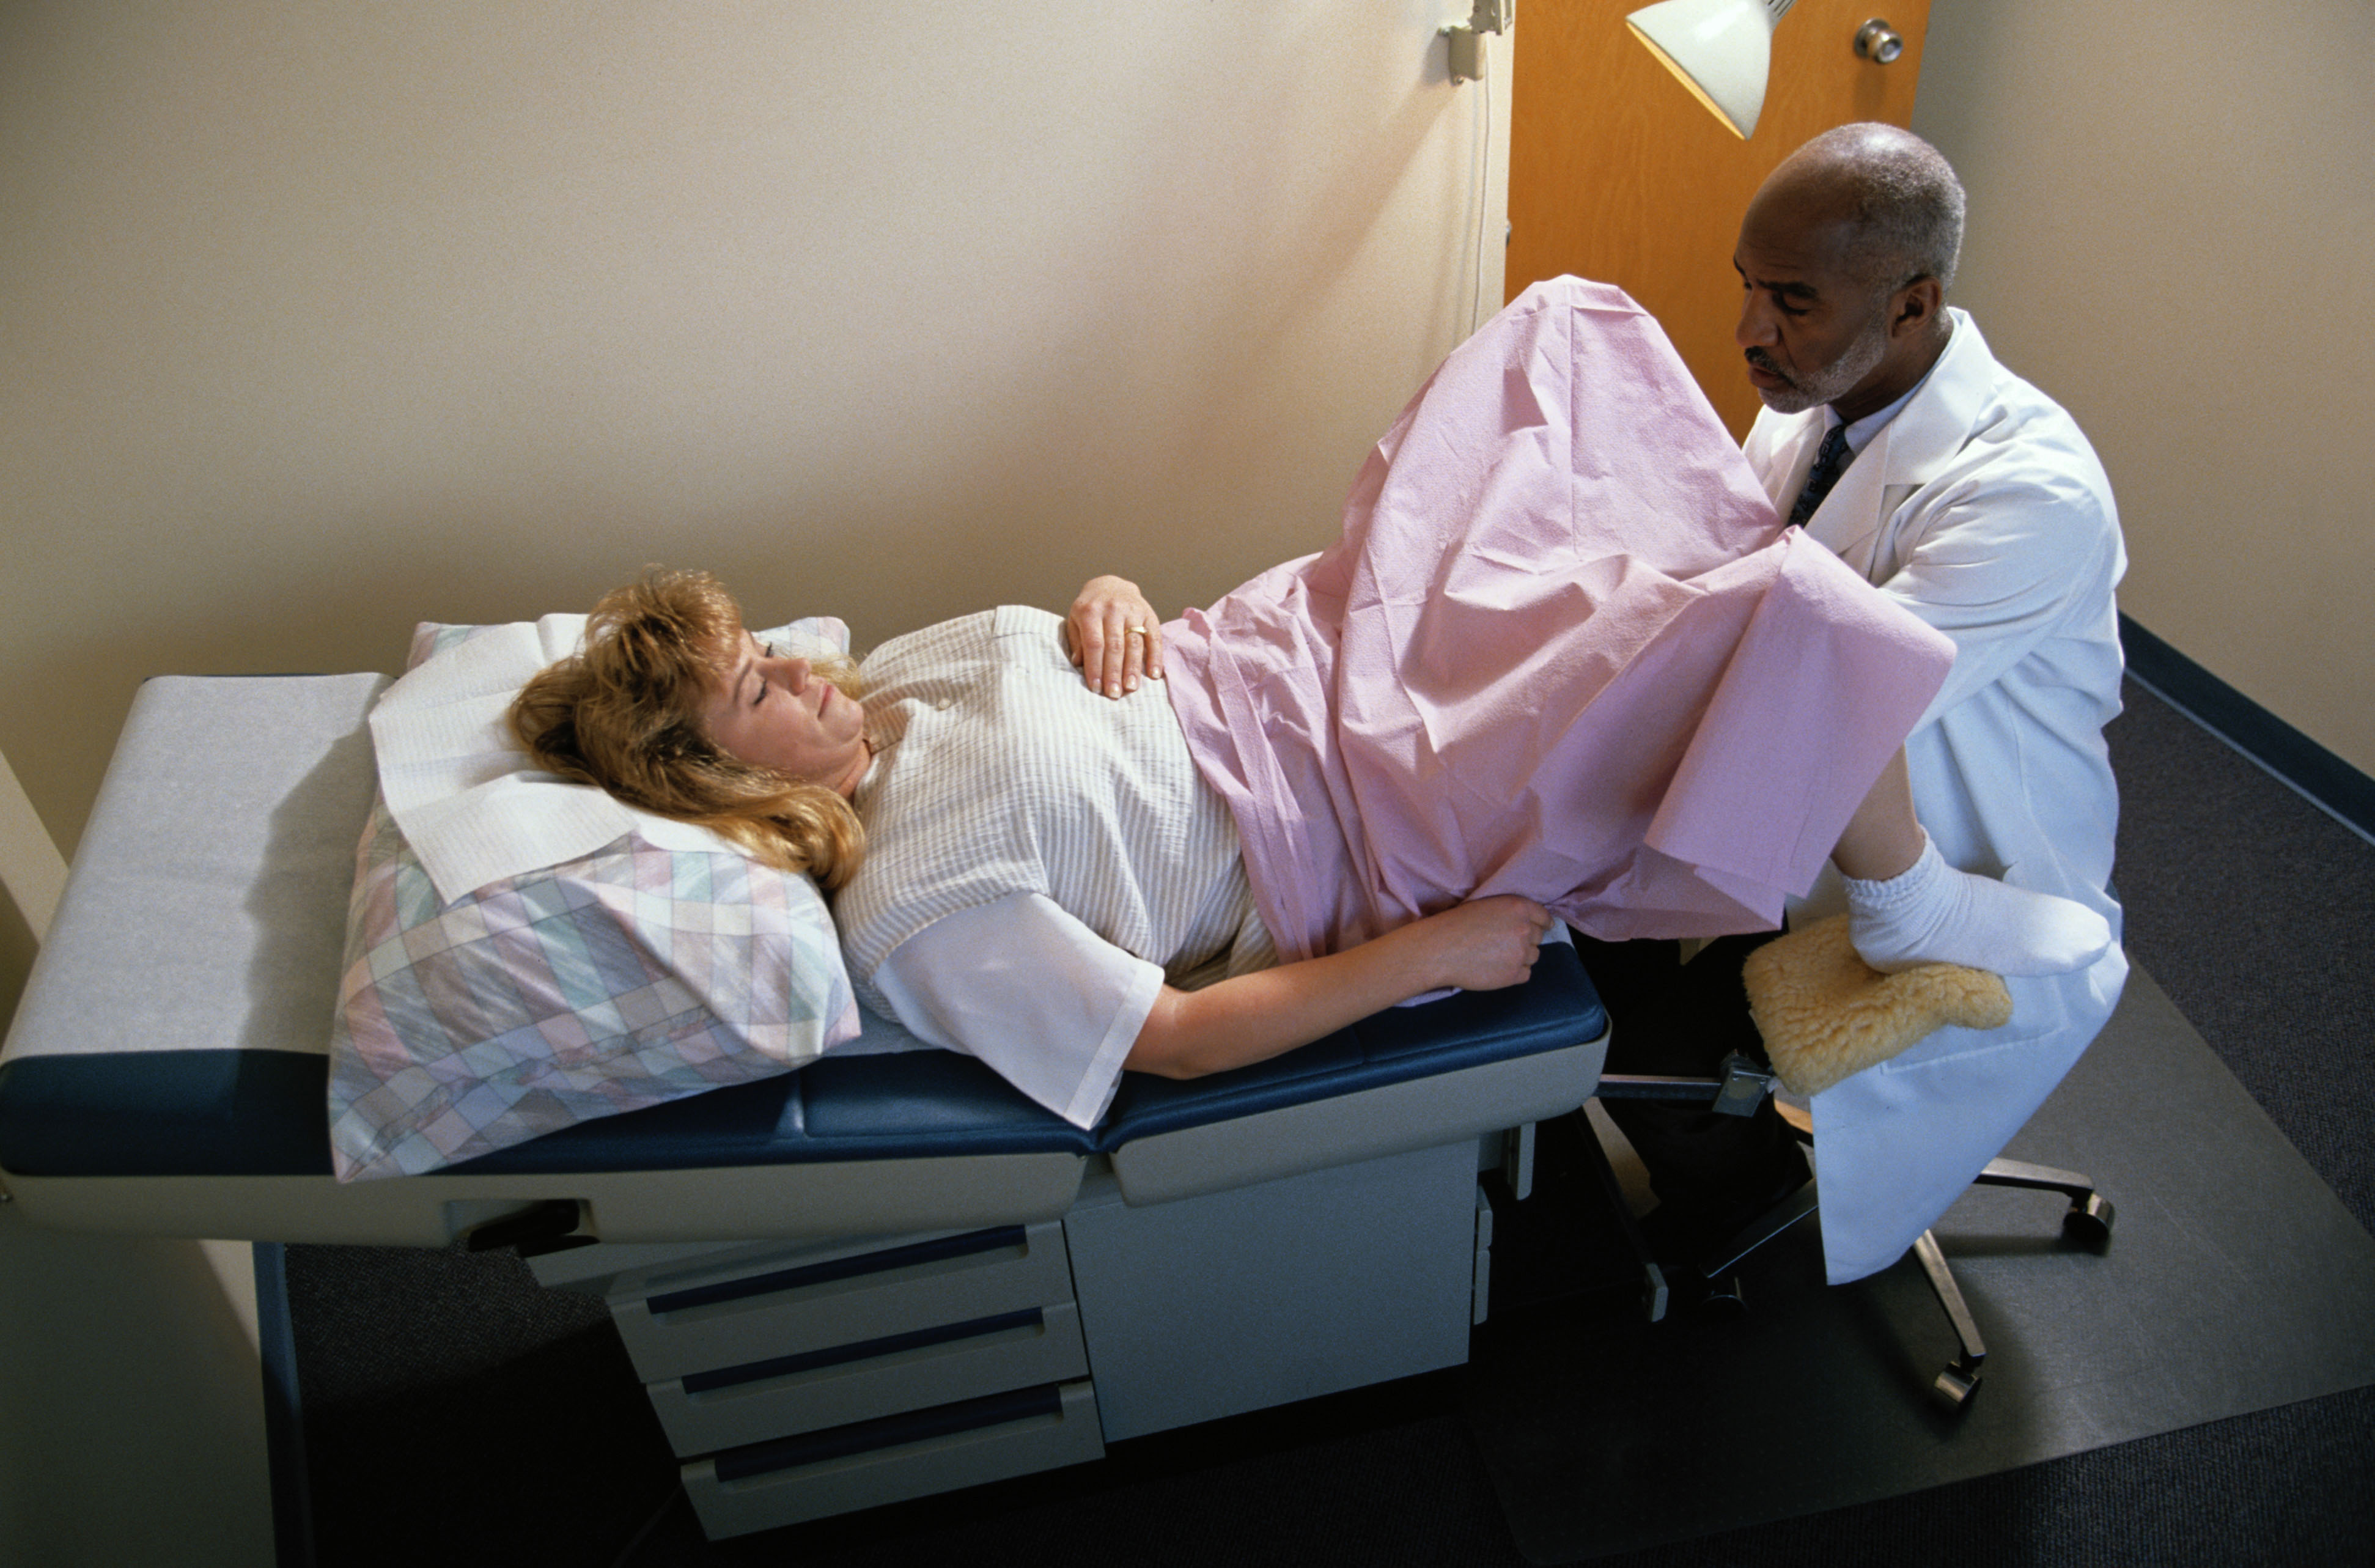 Смотреть онлайн русское гинеколог и его пациэнтки бесплатно 23 фотография